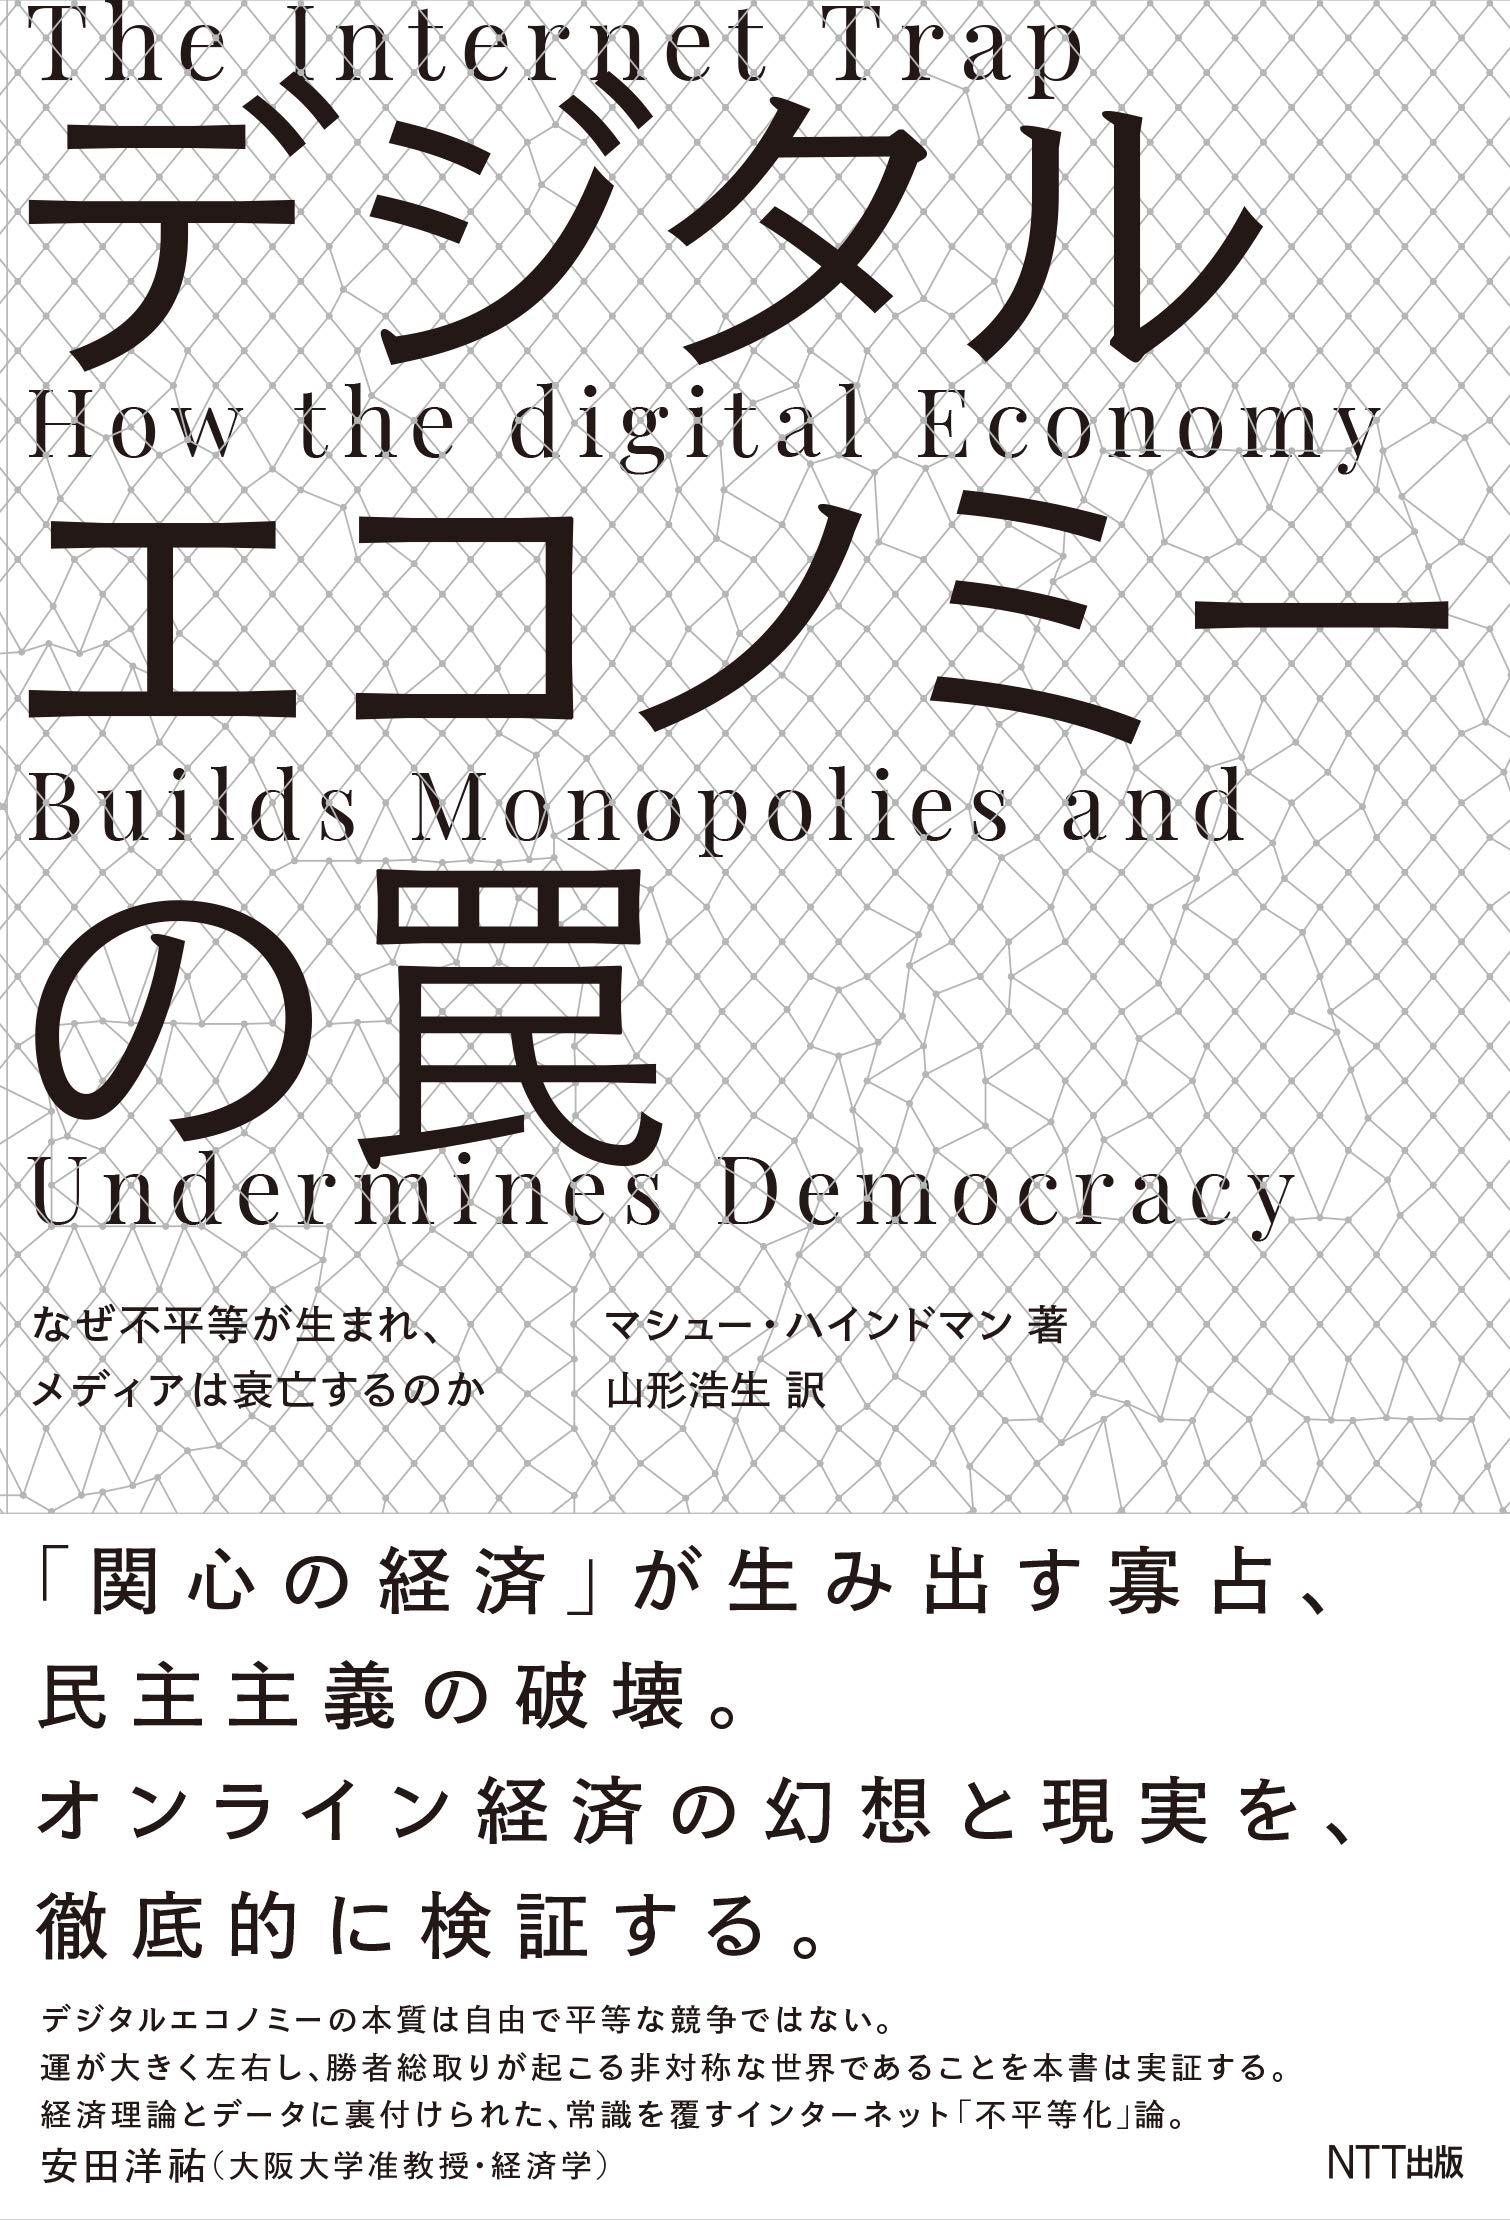 デジタルエコノミーの罠 | マシュー・ハインドマン, 山形浩生 |本 ...